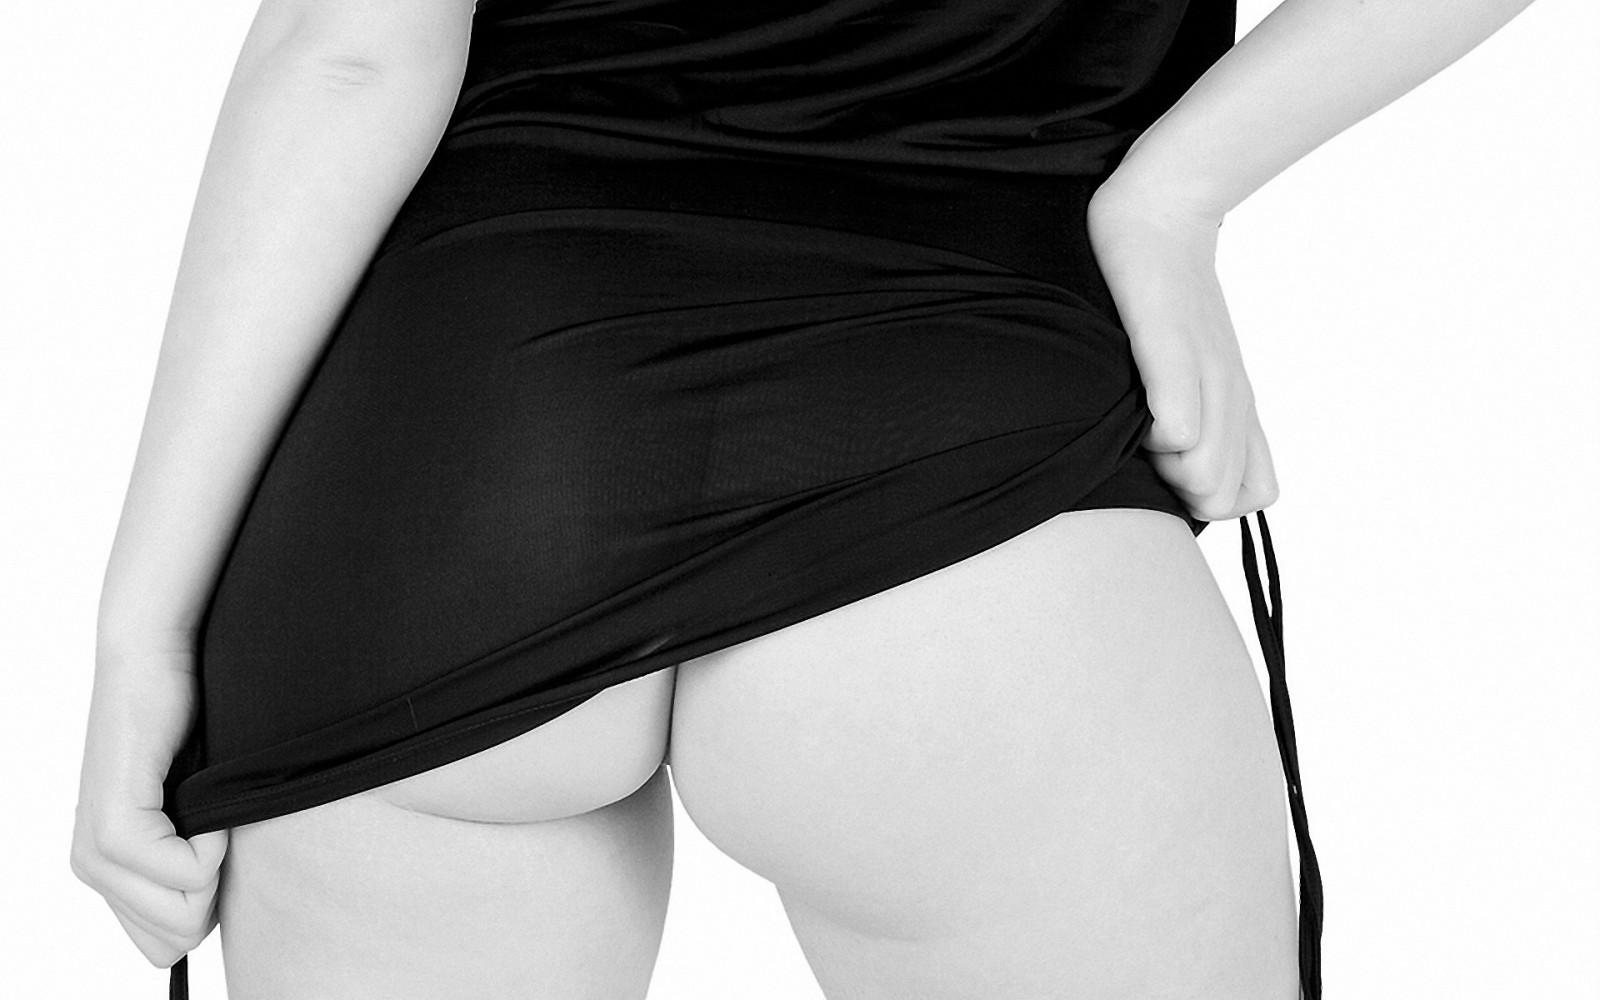 Черные большие женщины фото, широкие бедрафотографий ВКонтакте 13 фотография